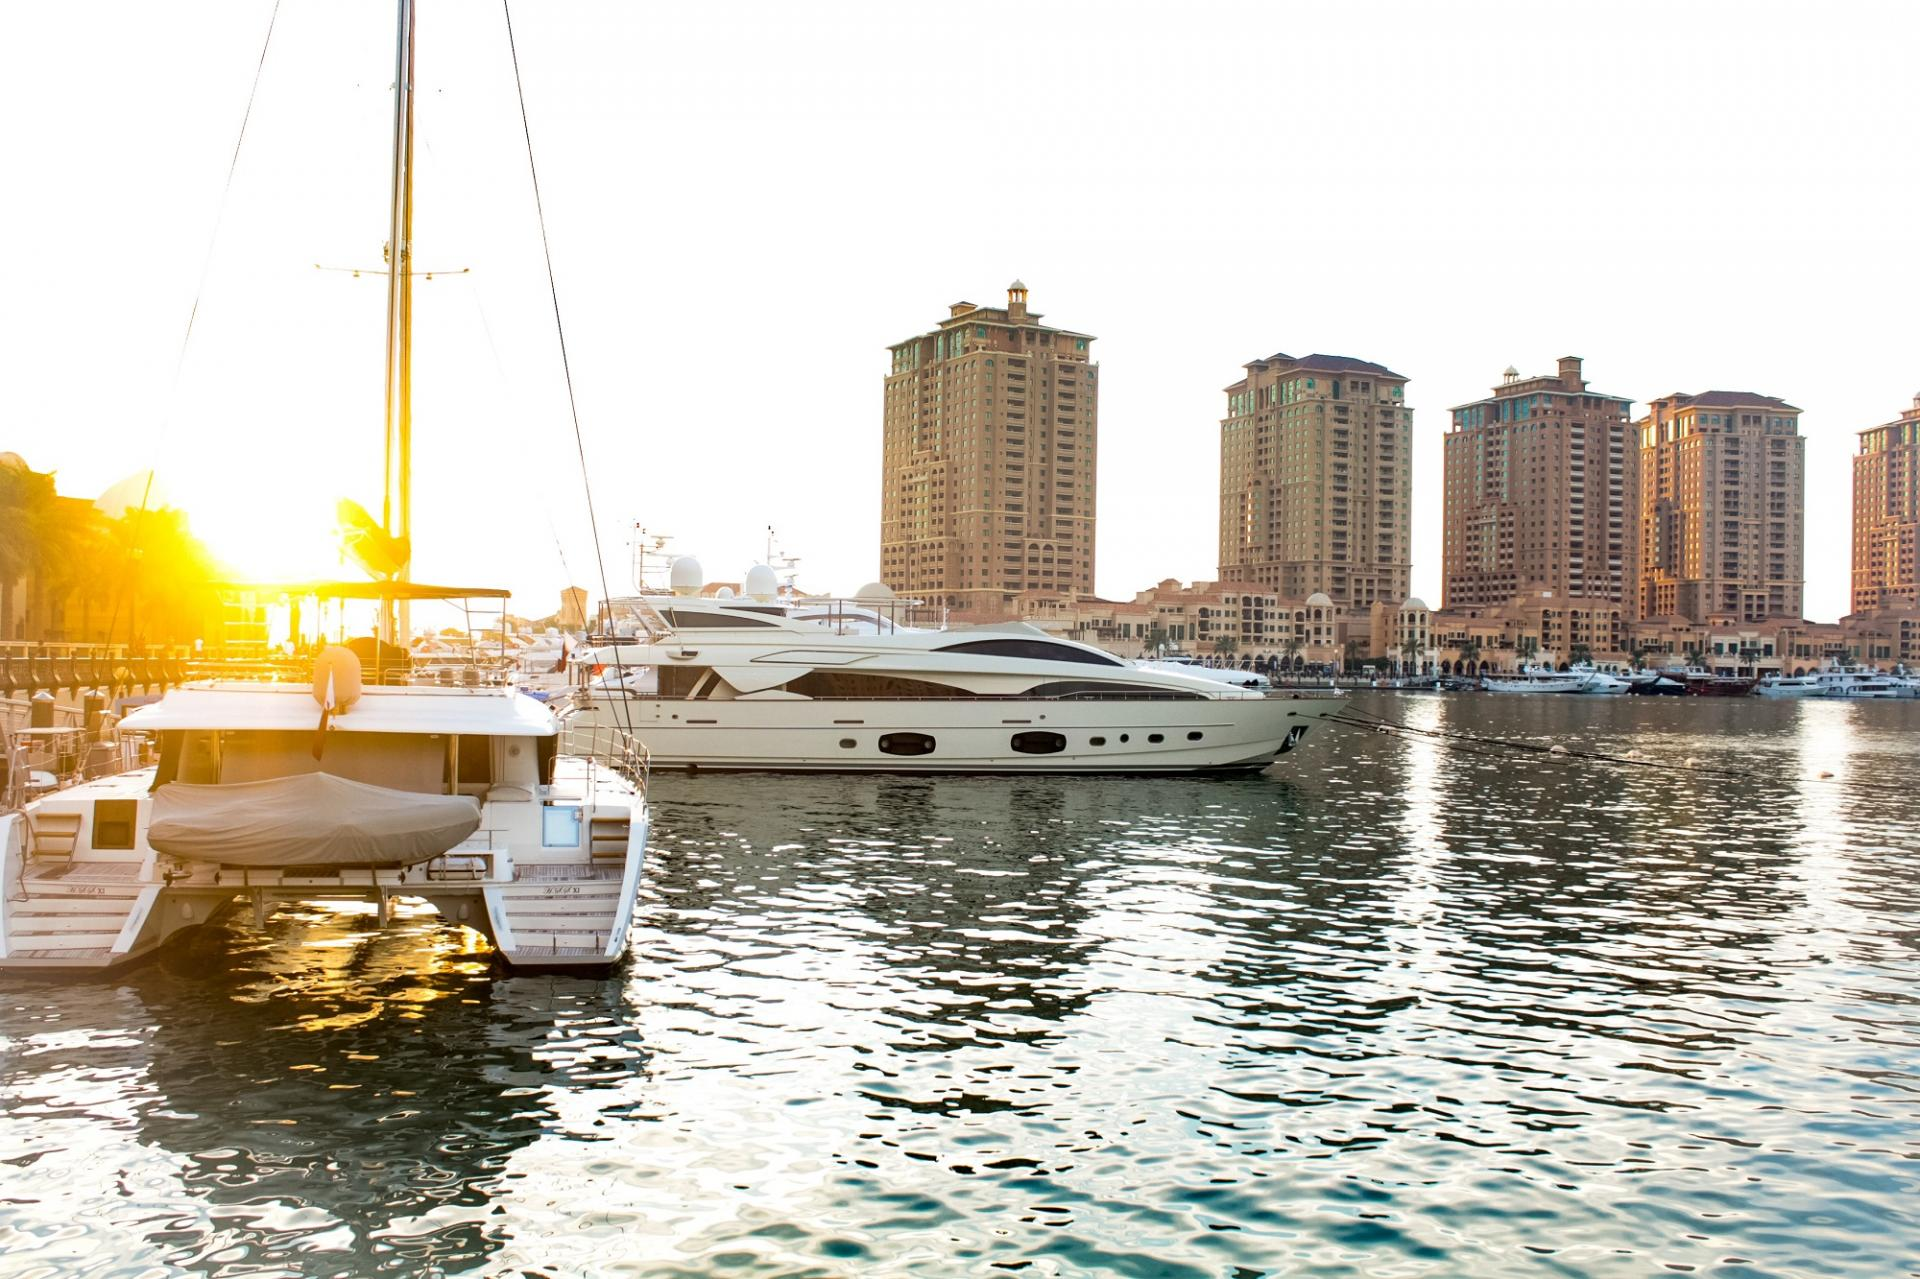 Lagoon 620 doha qatar